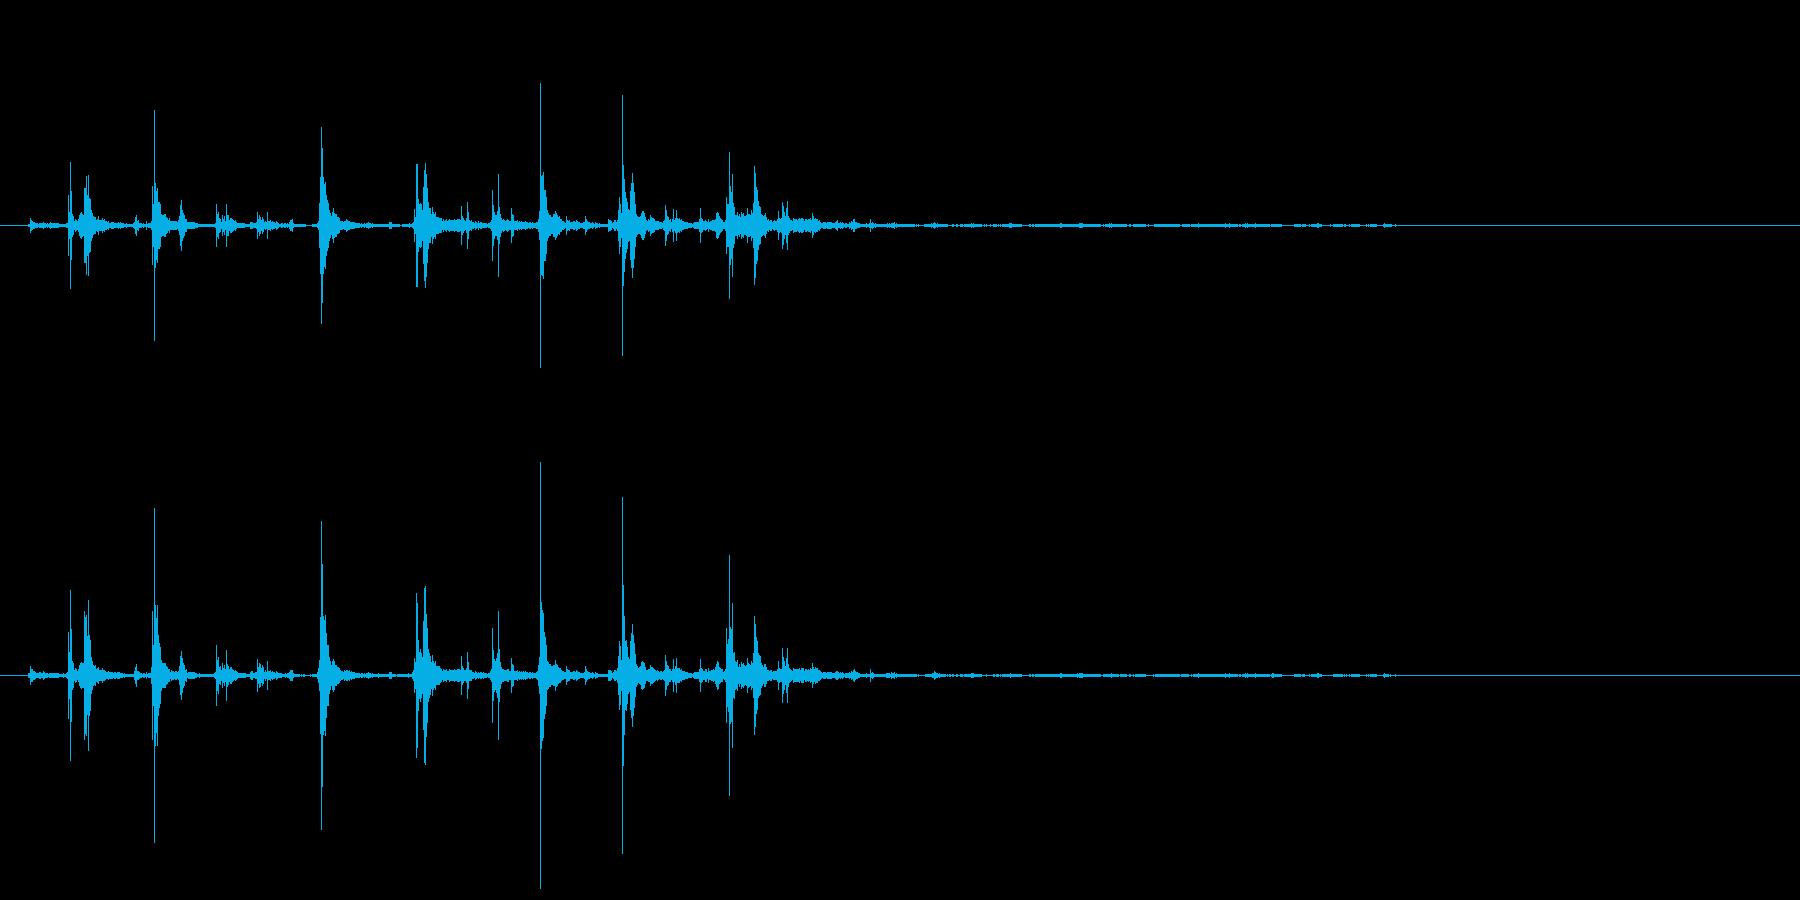 小銭を落として数える音の再生済みの波形